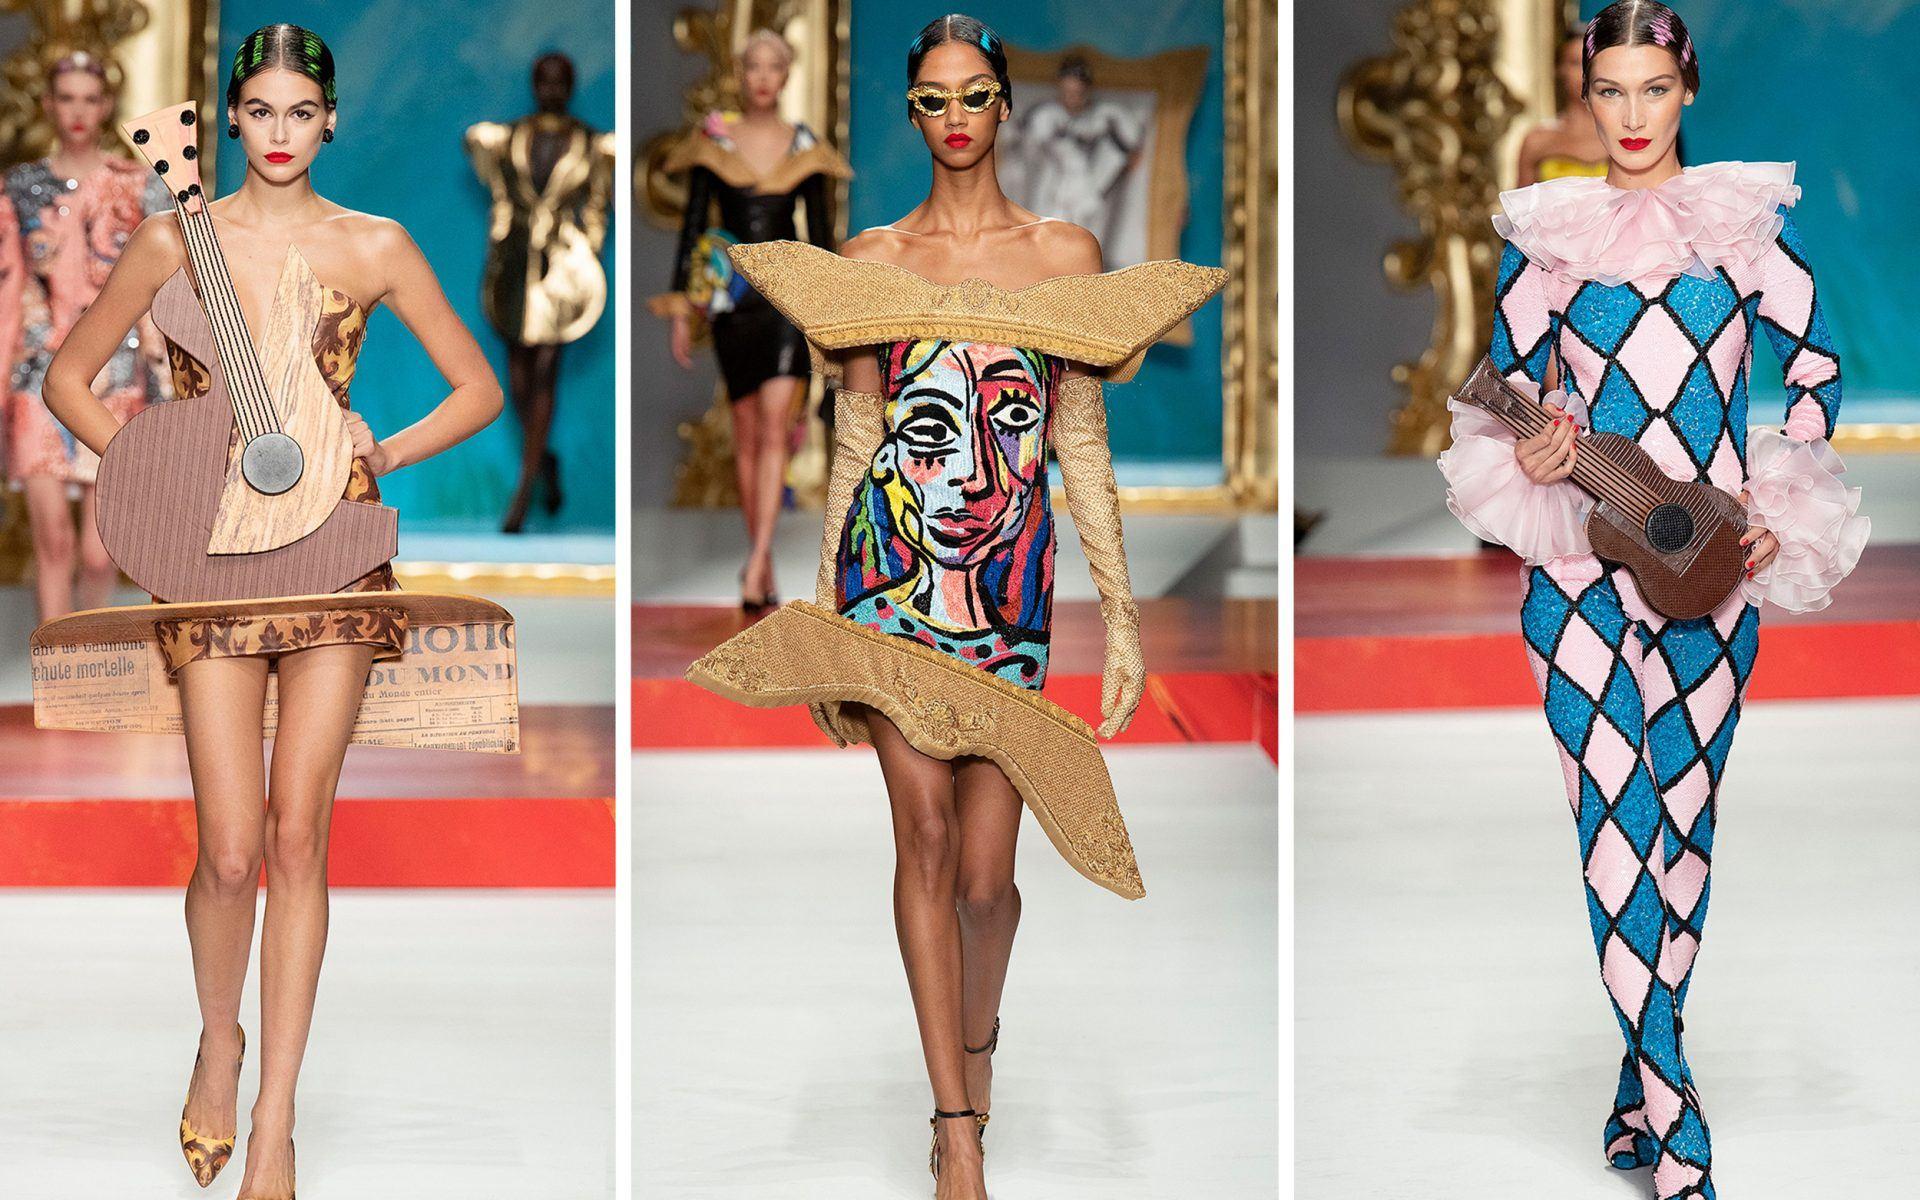 יצירות המופת של פיקאסו קיבלו חיים, בשבוע האופנה במילאנו